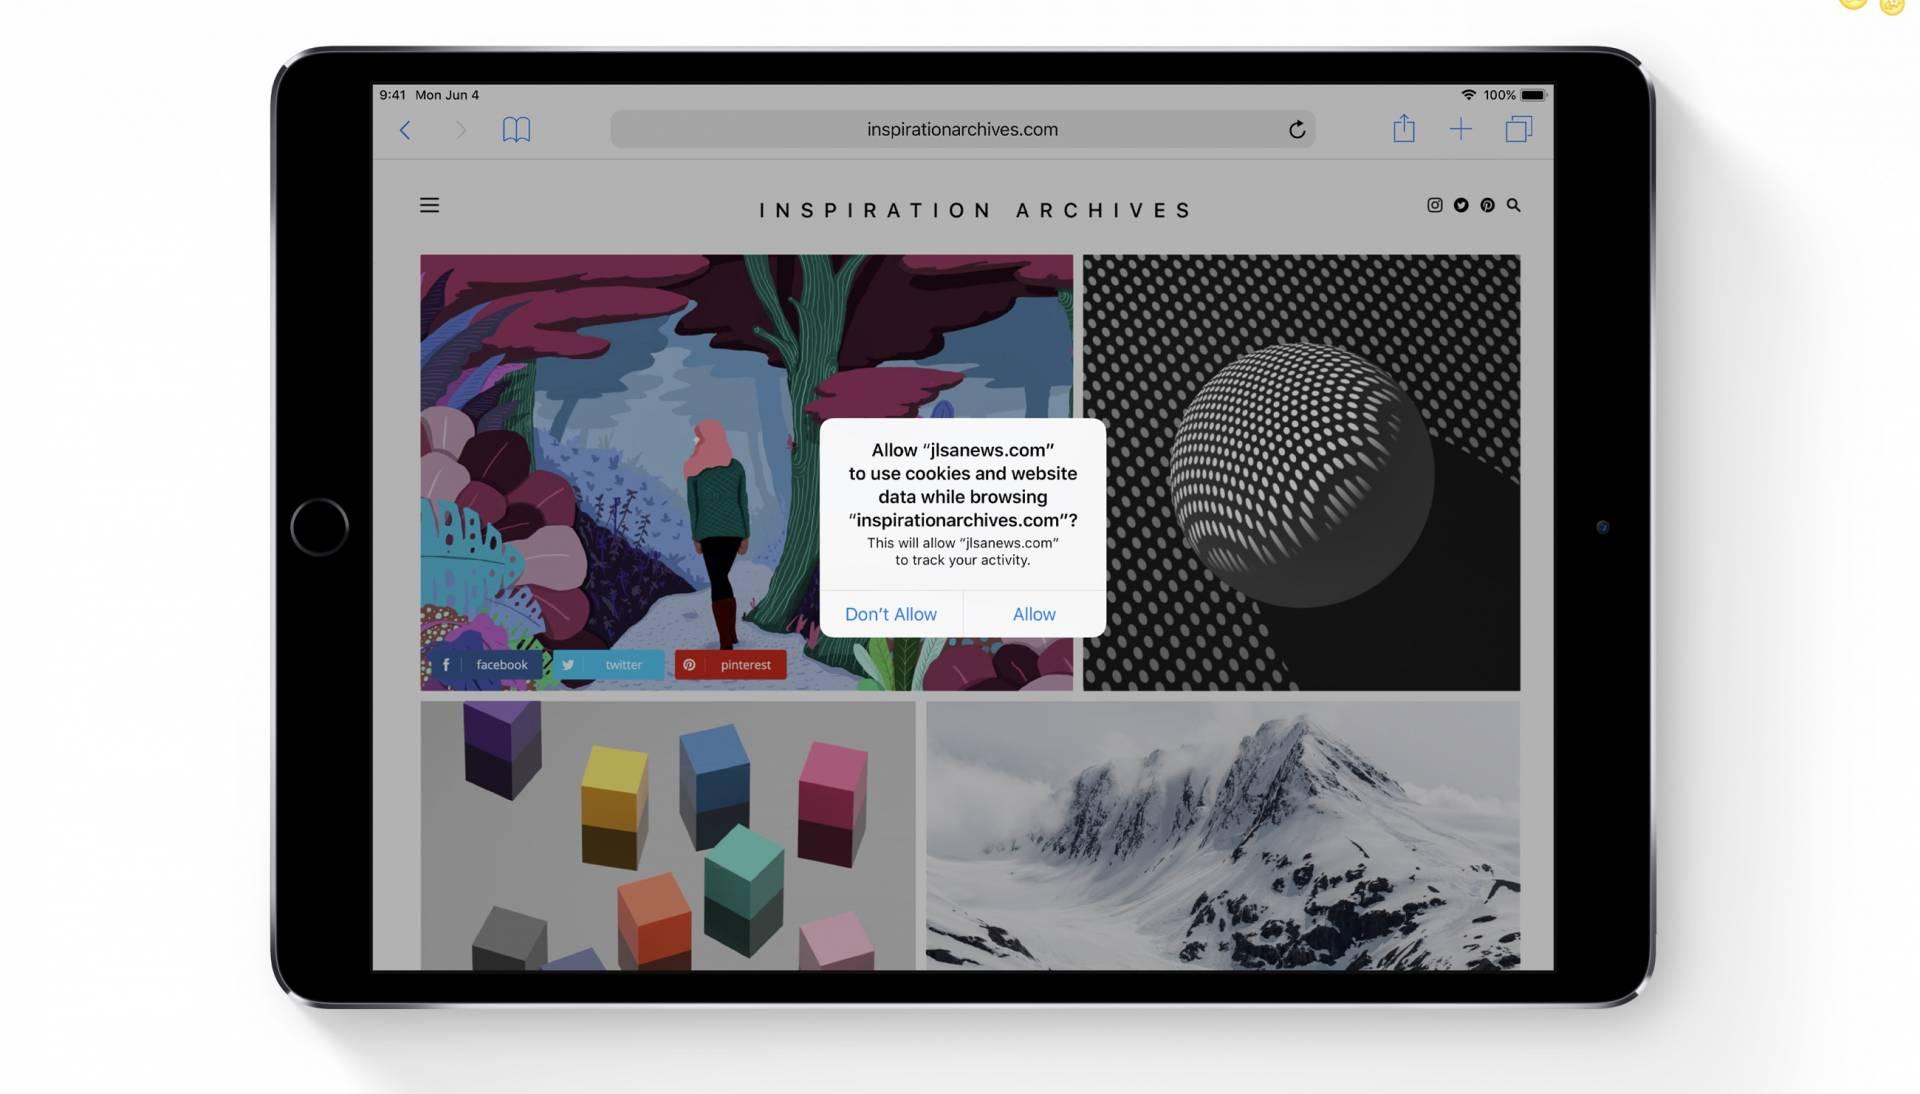 Safari per iOS 12 : il miglior browser per la privacy (6 funzioni che lo dimostrano)